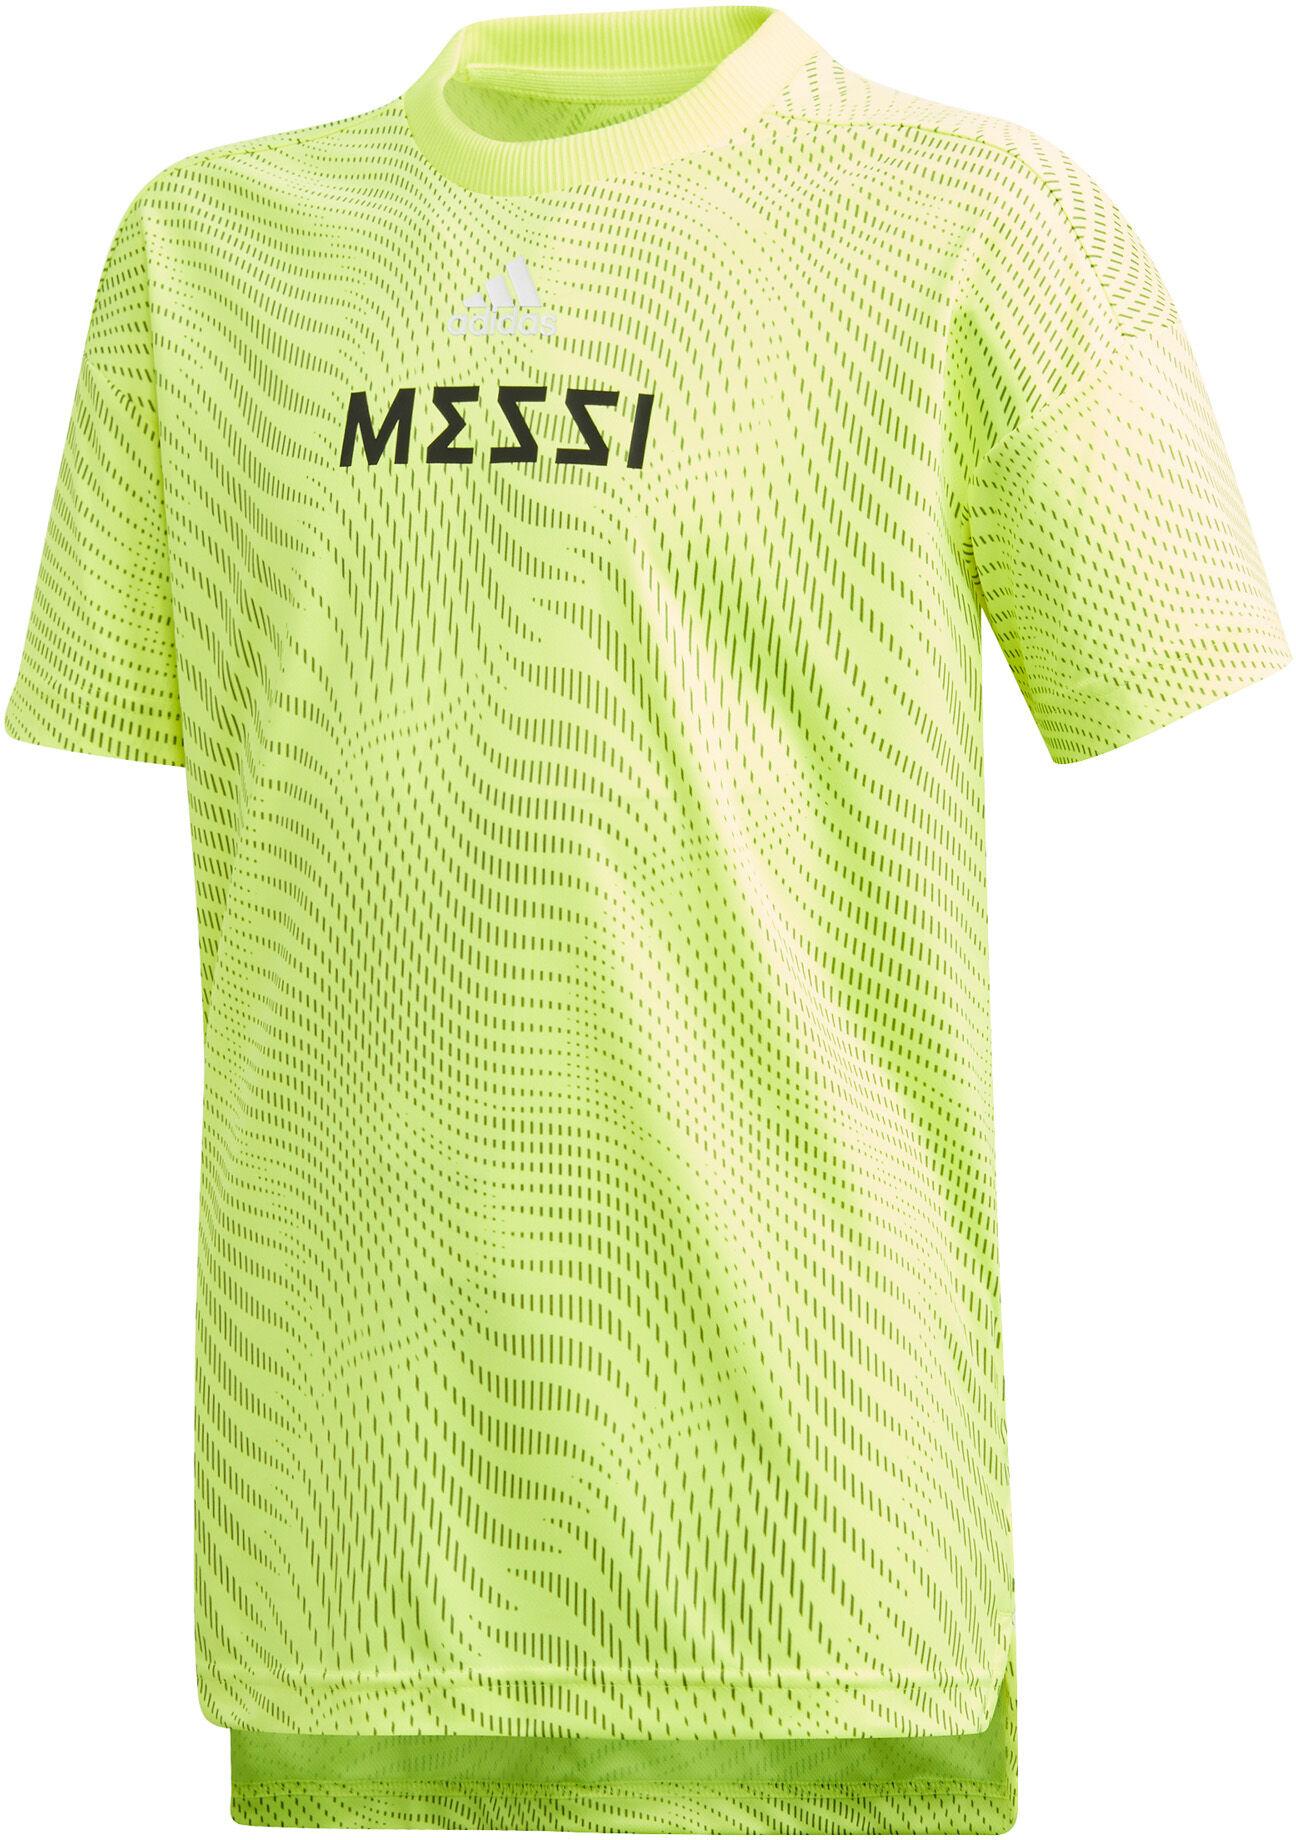 Voetbalkleding kopen? Bekijk alle top merken » Intersport